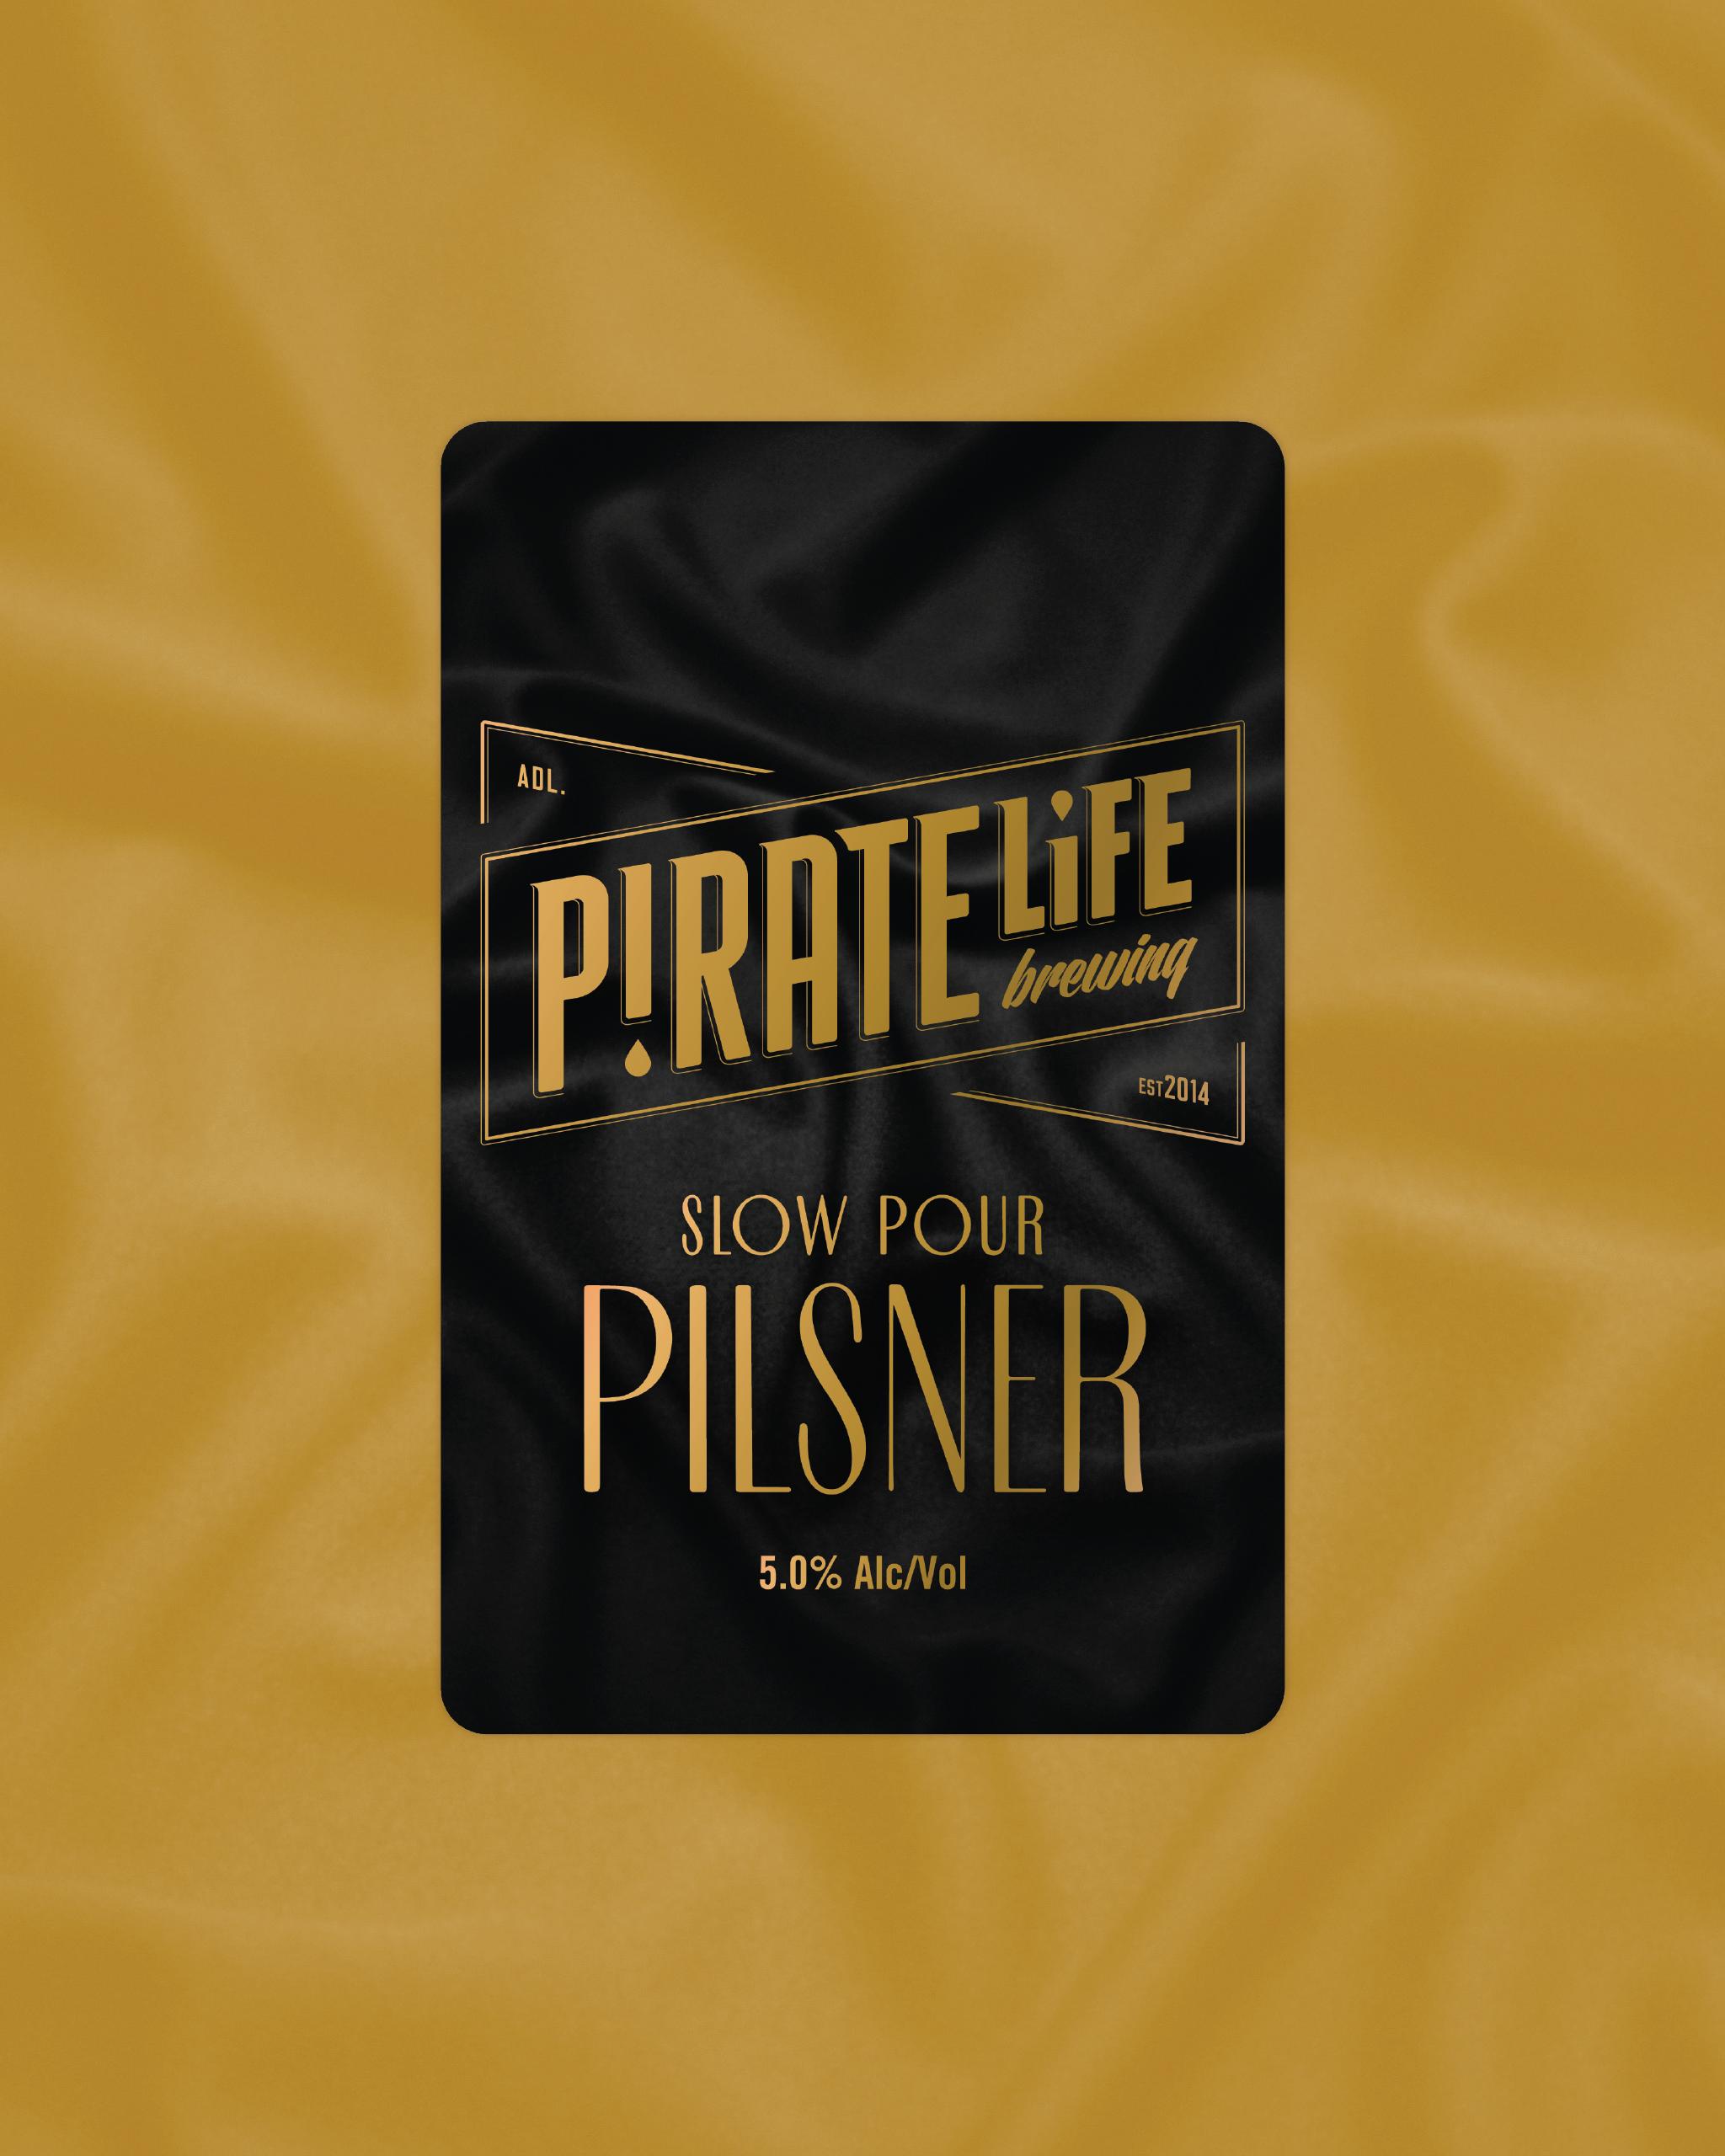 Slow_Pour_Pilsner